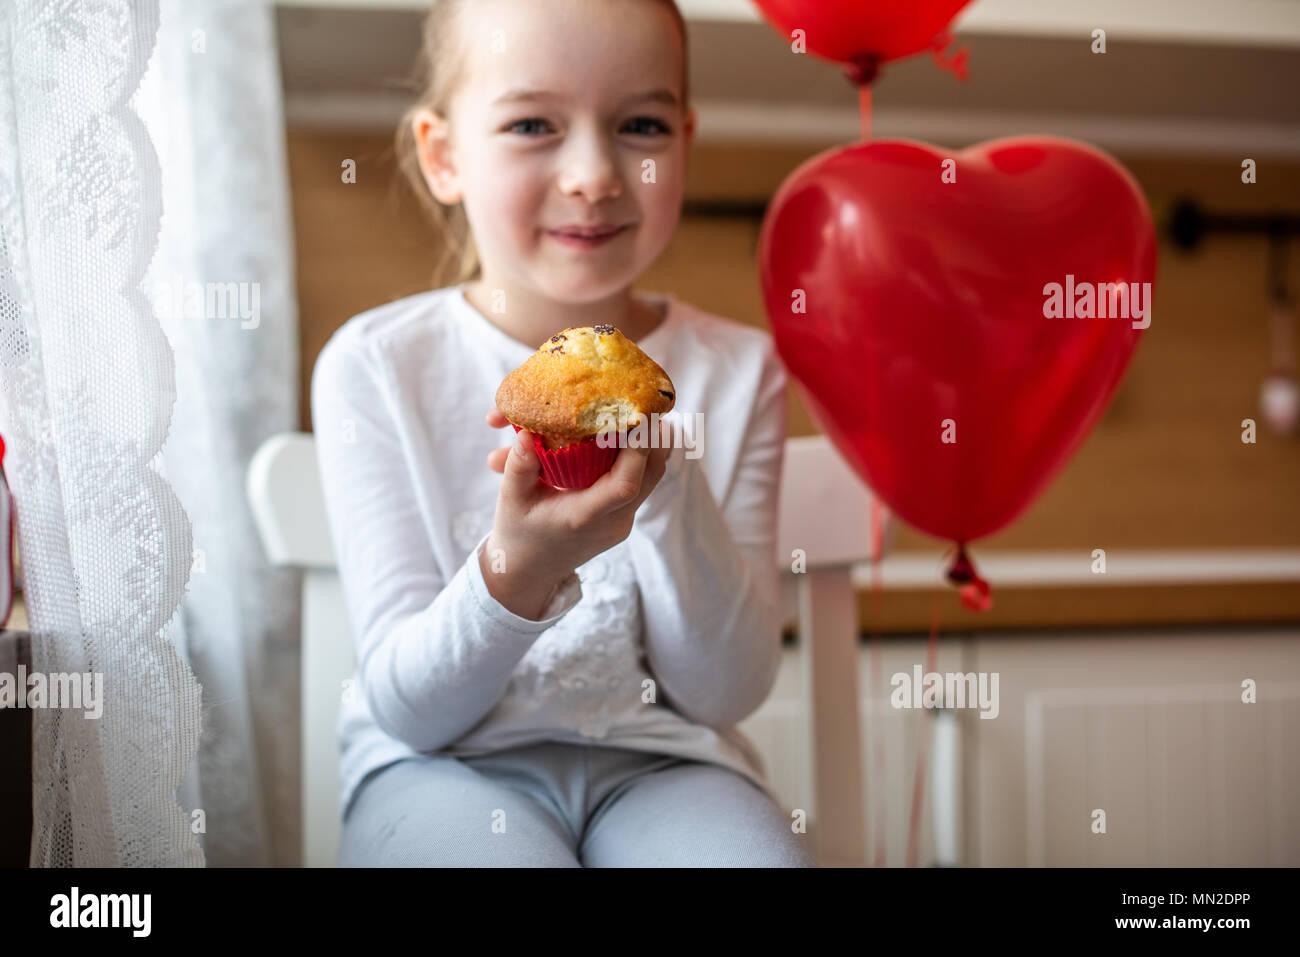 Lindo niño niña celebrando el 6º cumpleaños. Muchacha comiendo su cumpleaños cupcake en la cocina, rodeados de globos. Imagen De Stock